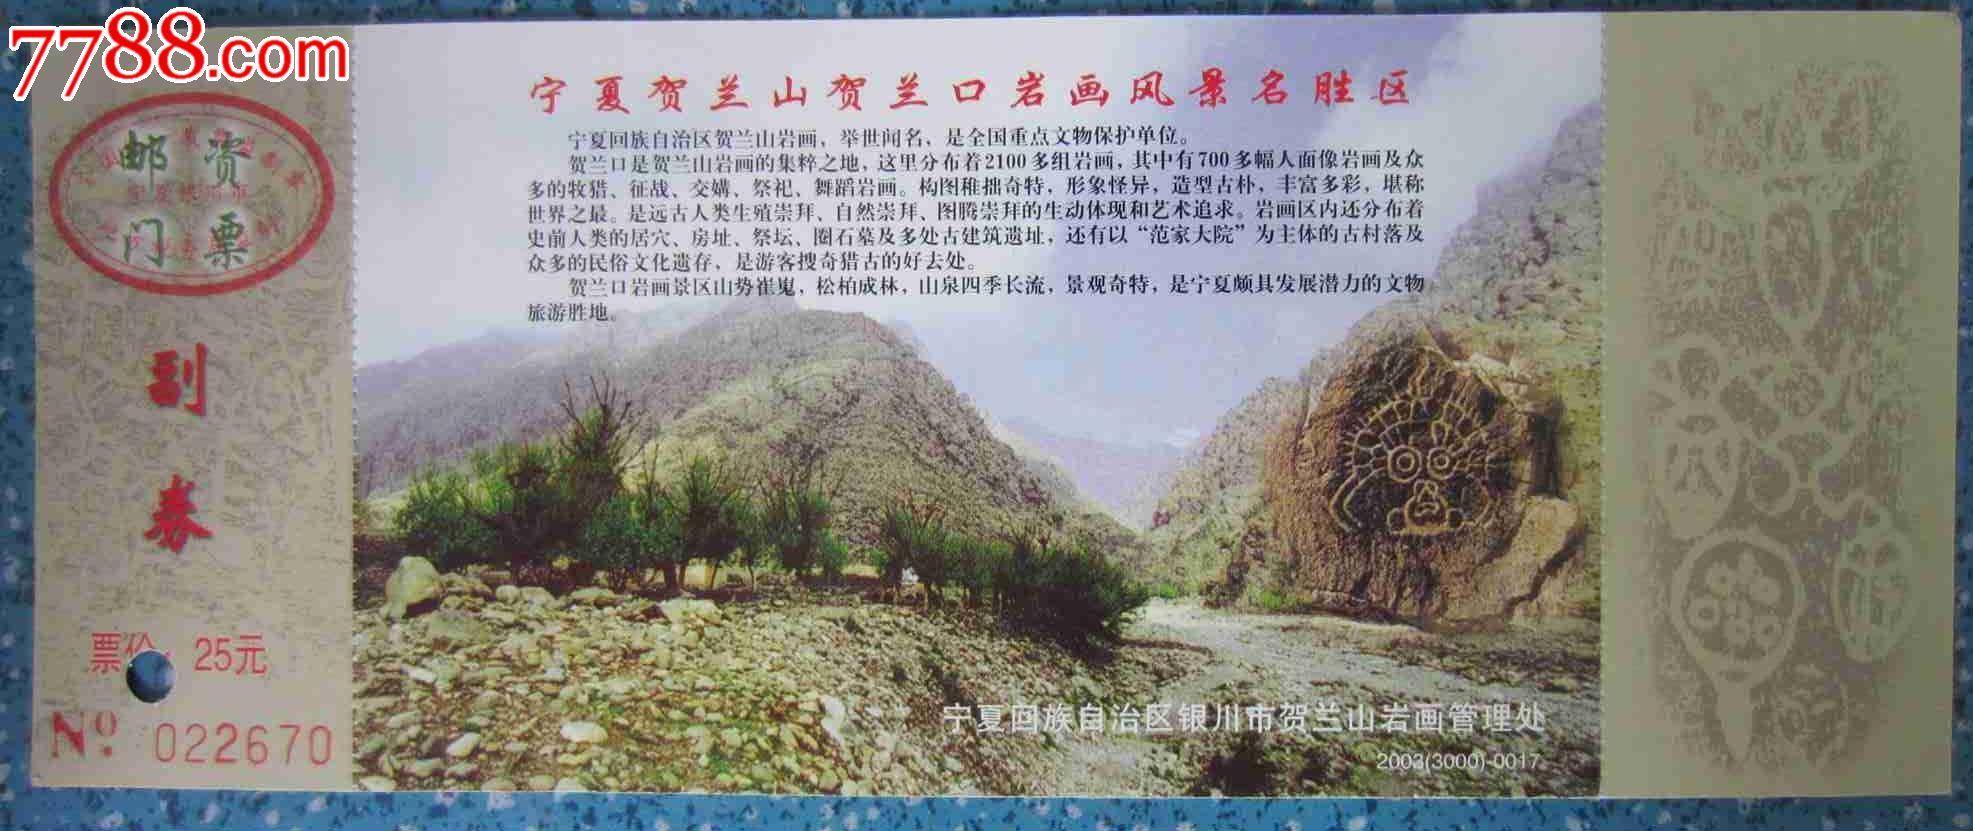 宁夏贺兰山贺兰口岩画风景名胜区(2003(3000)-0017)